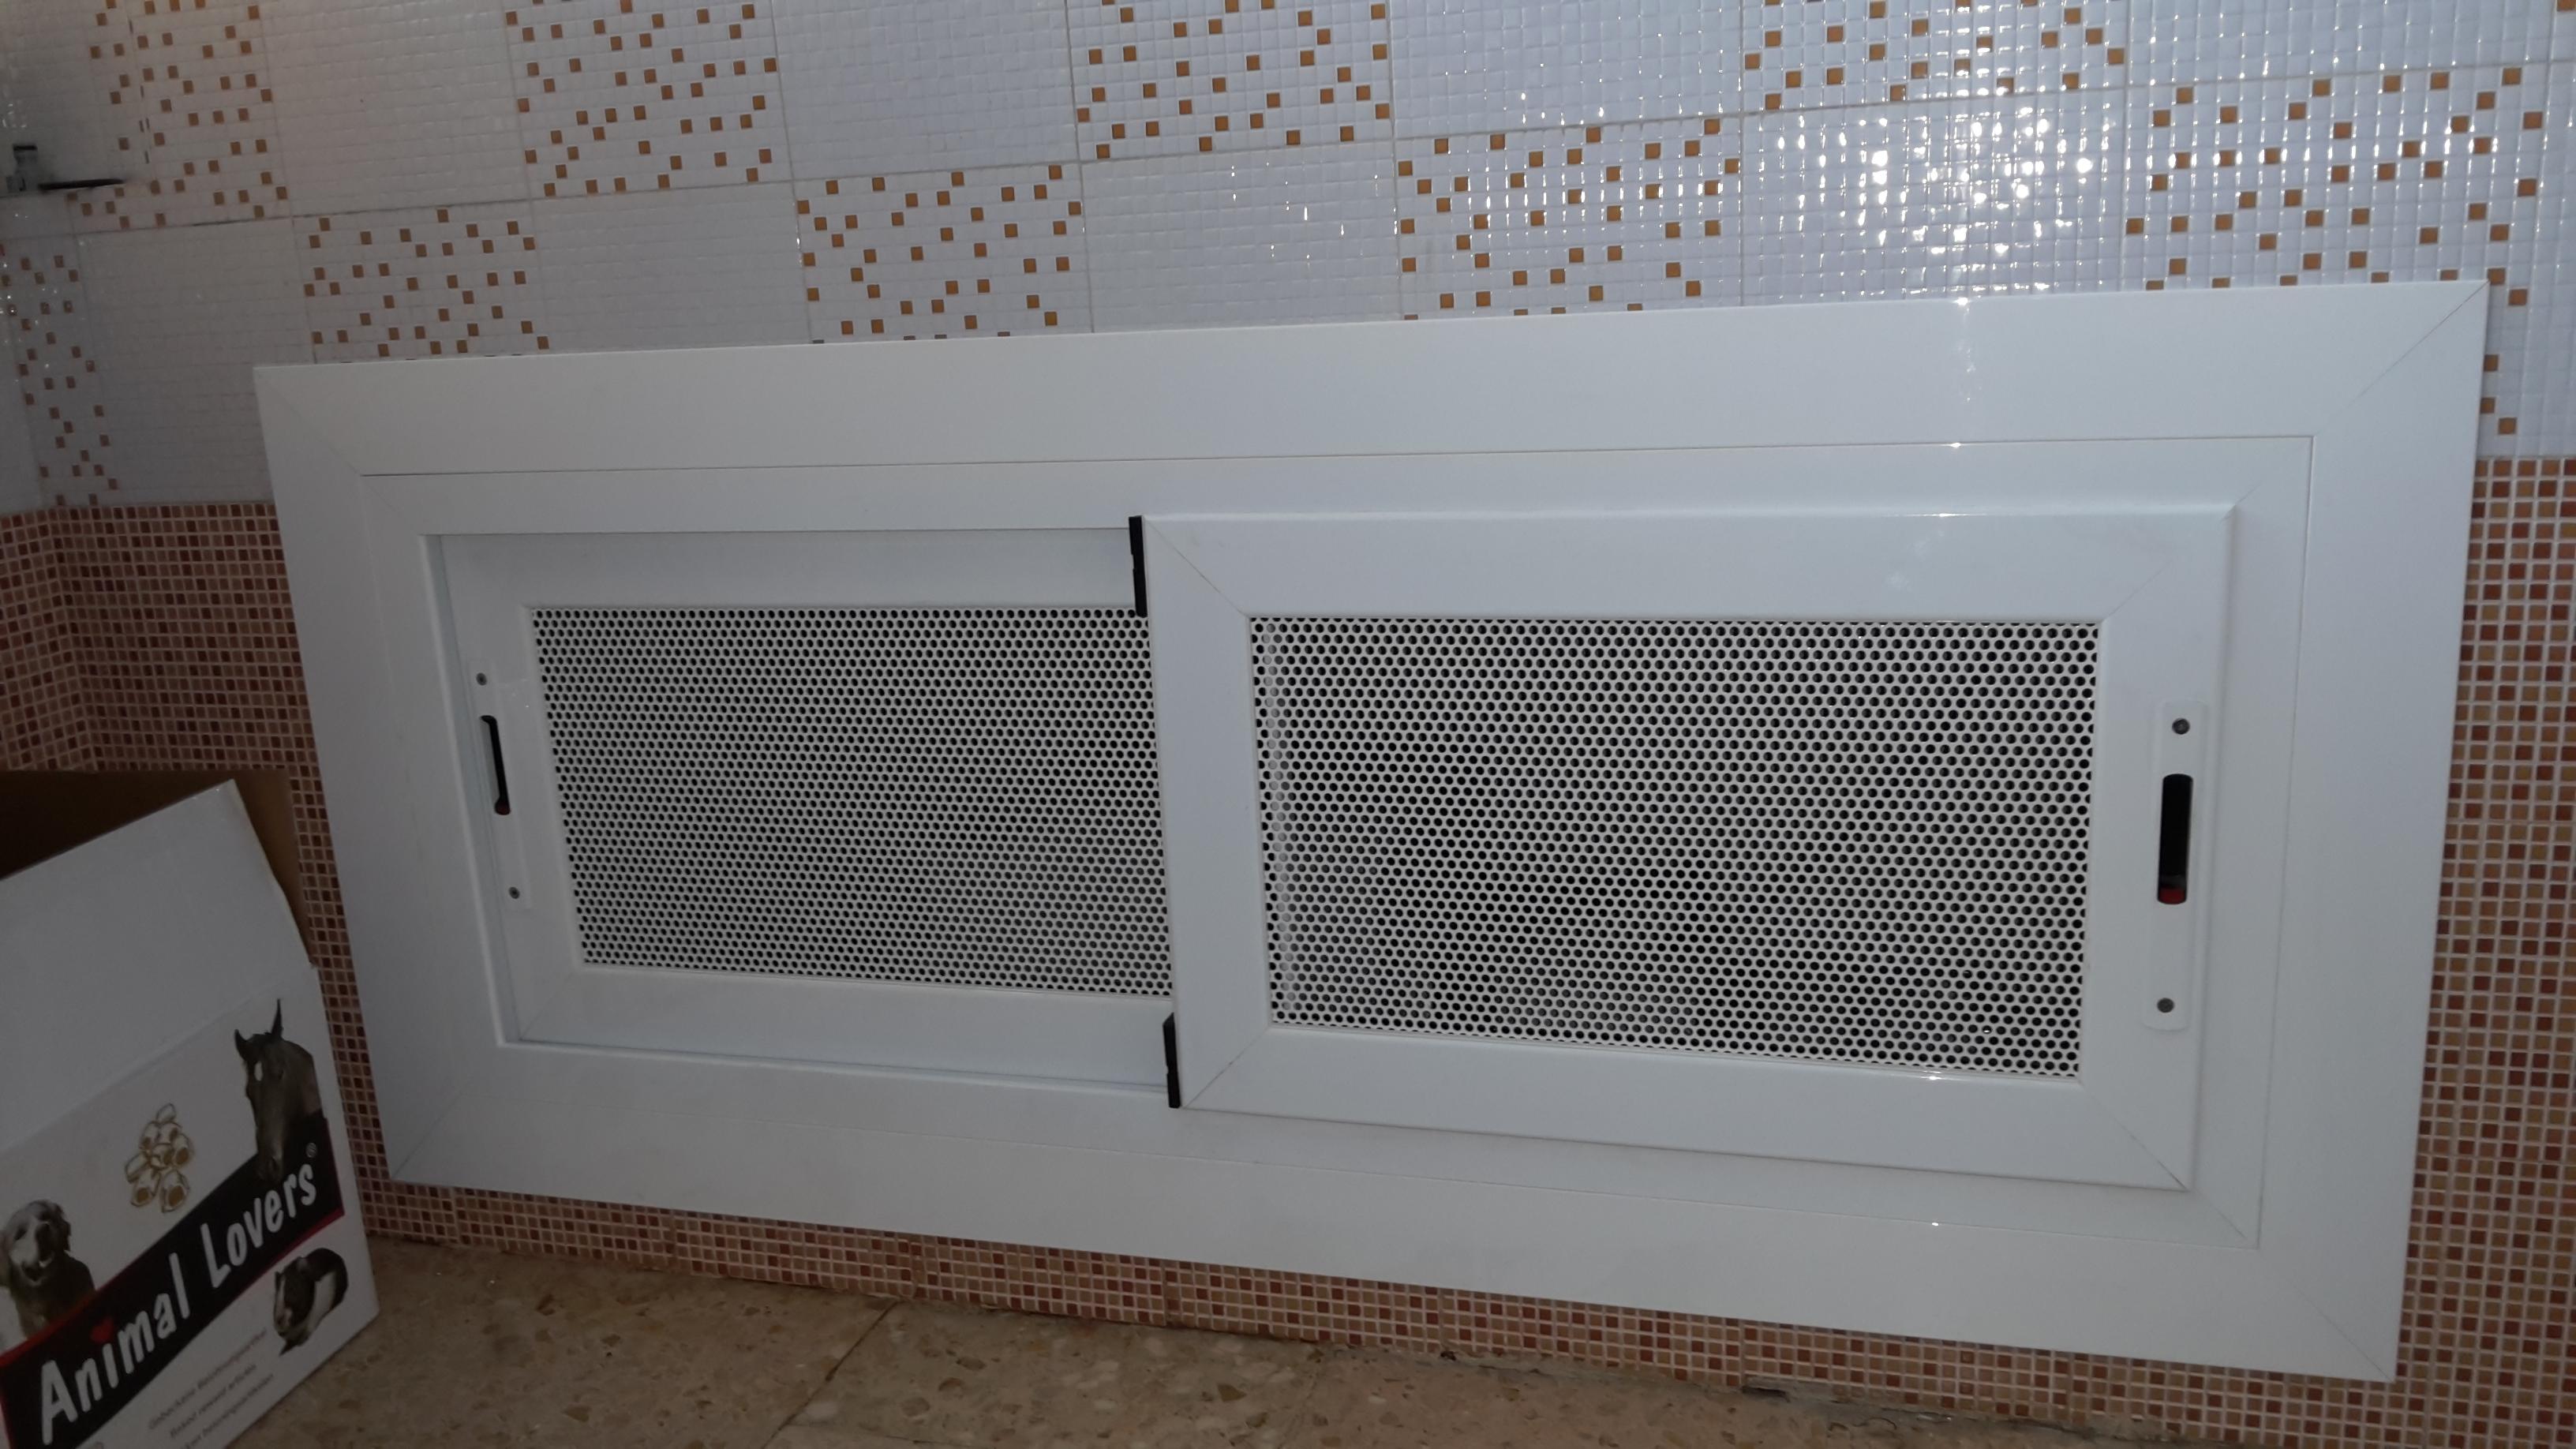 Puertas de rejilla montajes de aluminio dg - Rejillas de ventilacion para banos ...